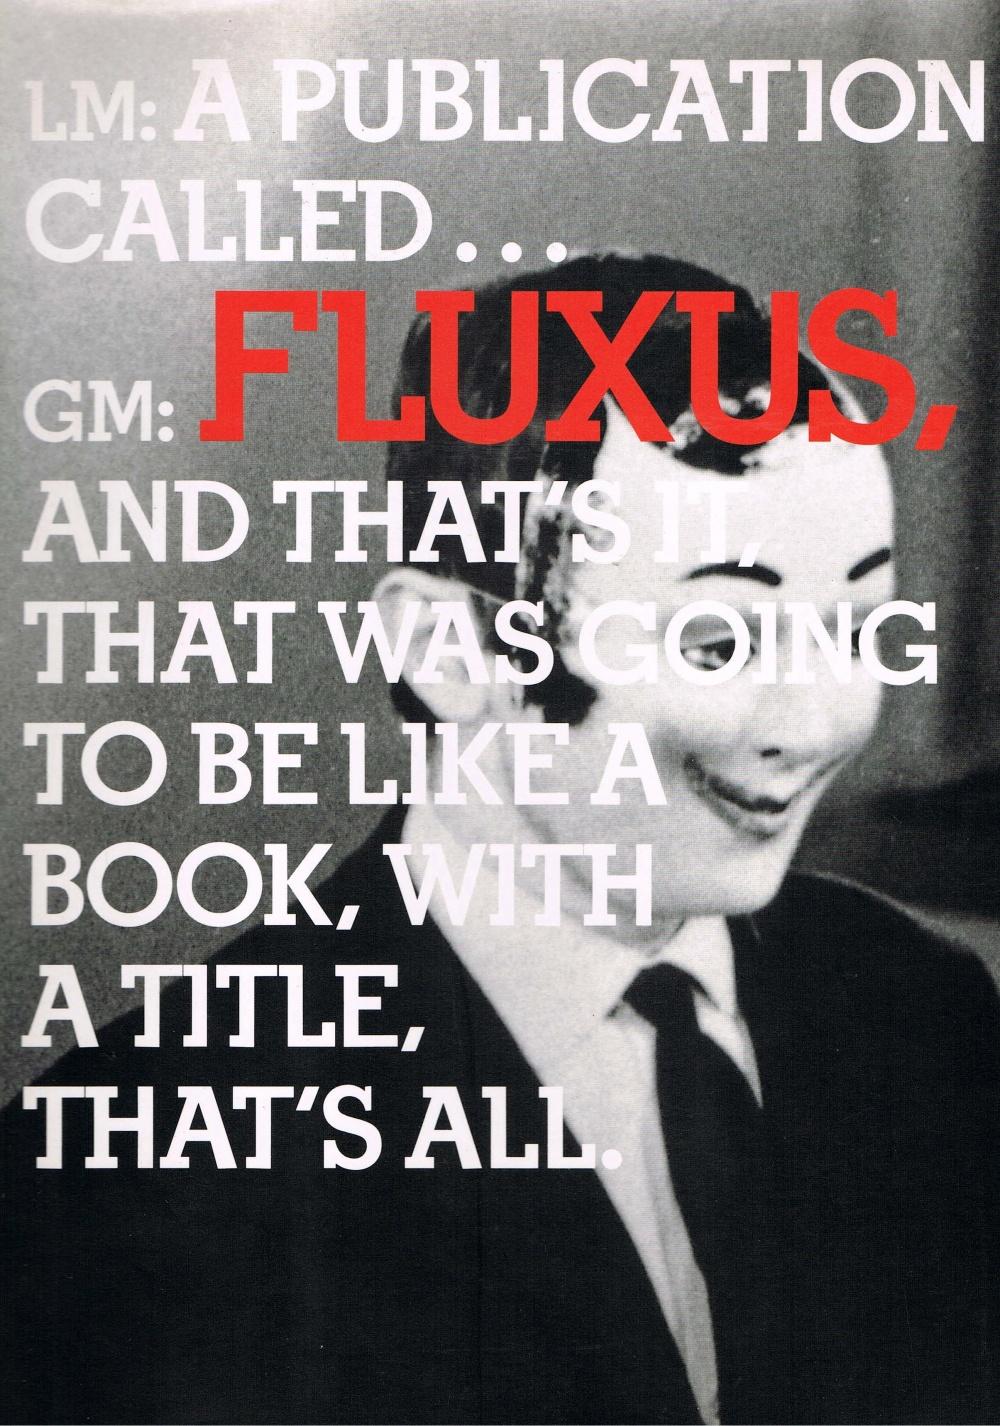 In The Spirit of Fluxus